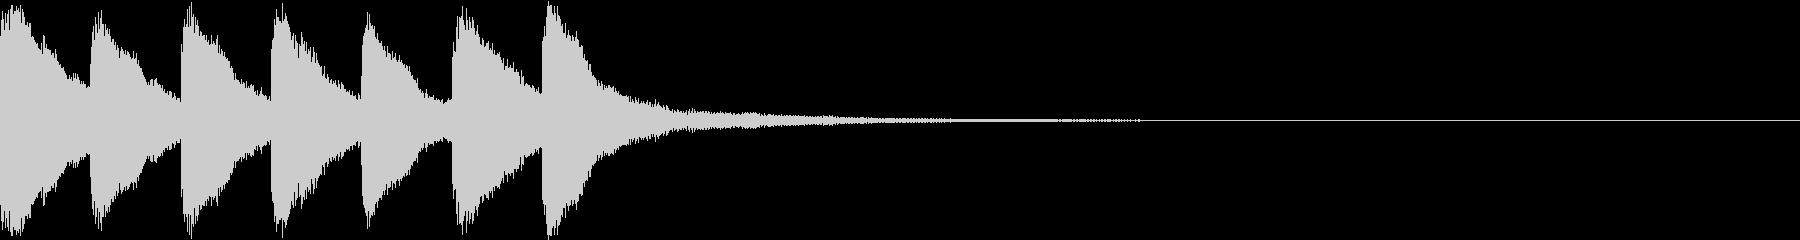 シンプル ベル チャイナ 中国風 19の未再生の波形